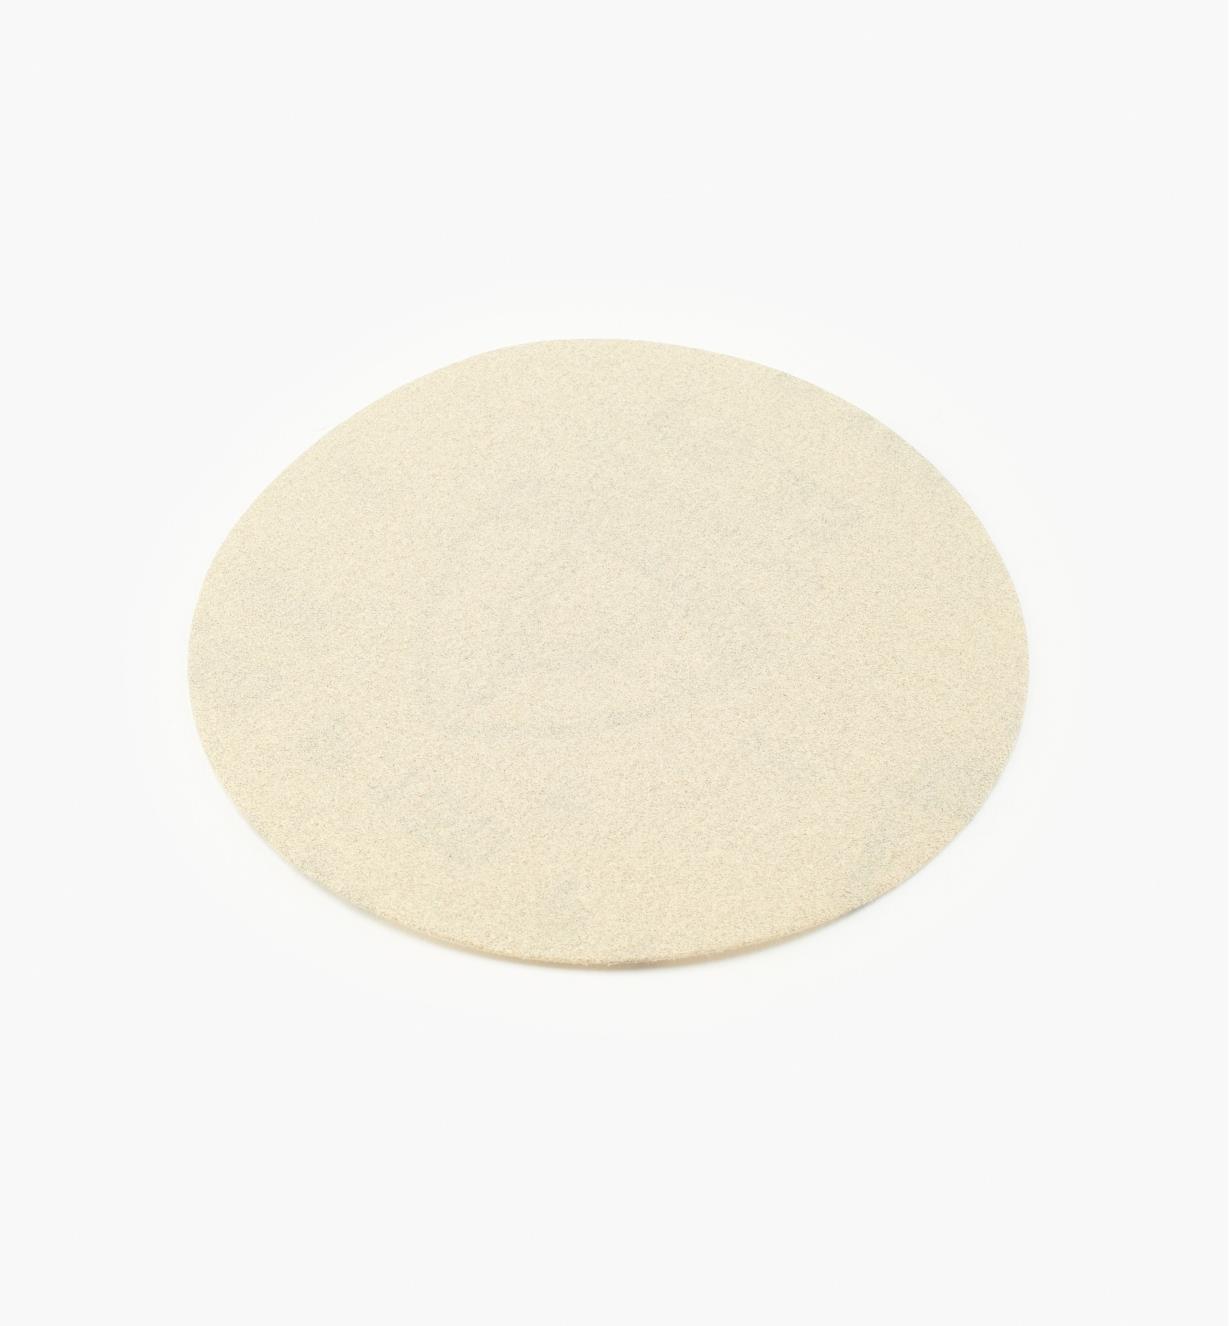 68Z9115 - Disque autoagrippant plein de 5po, grain150